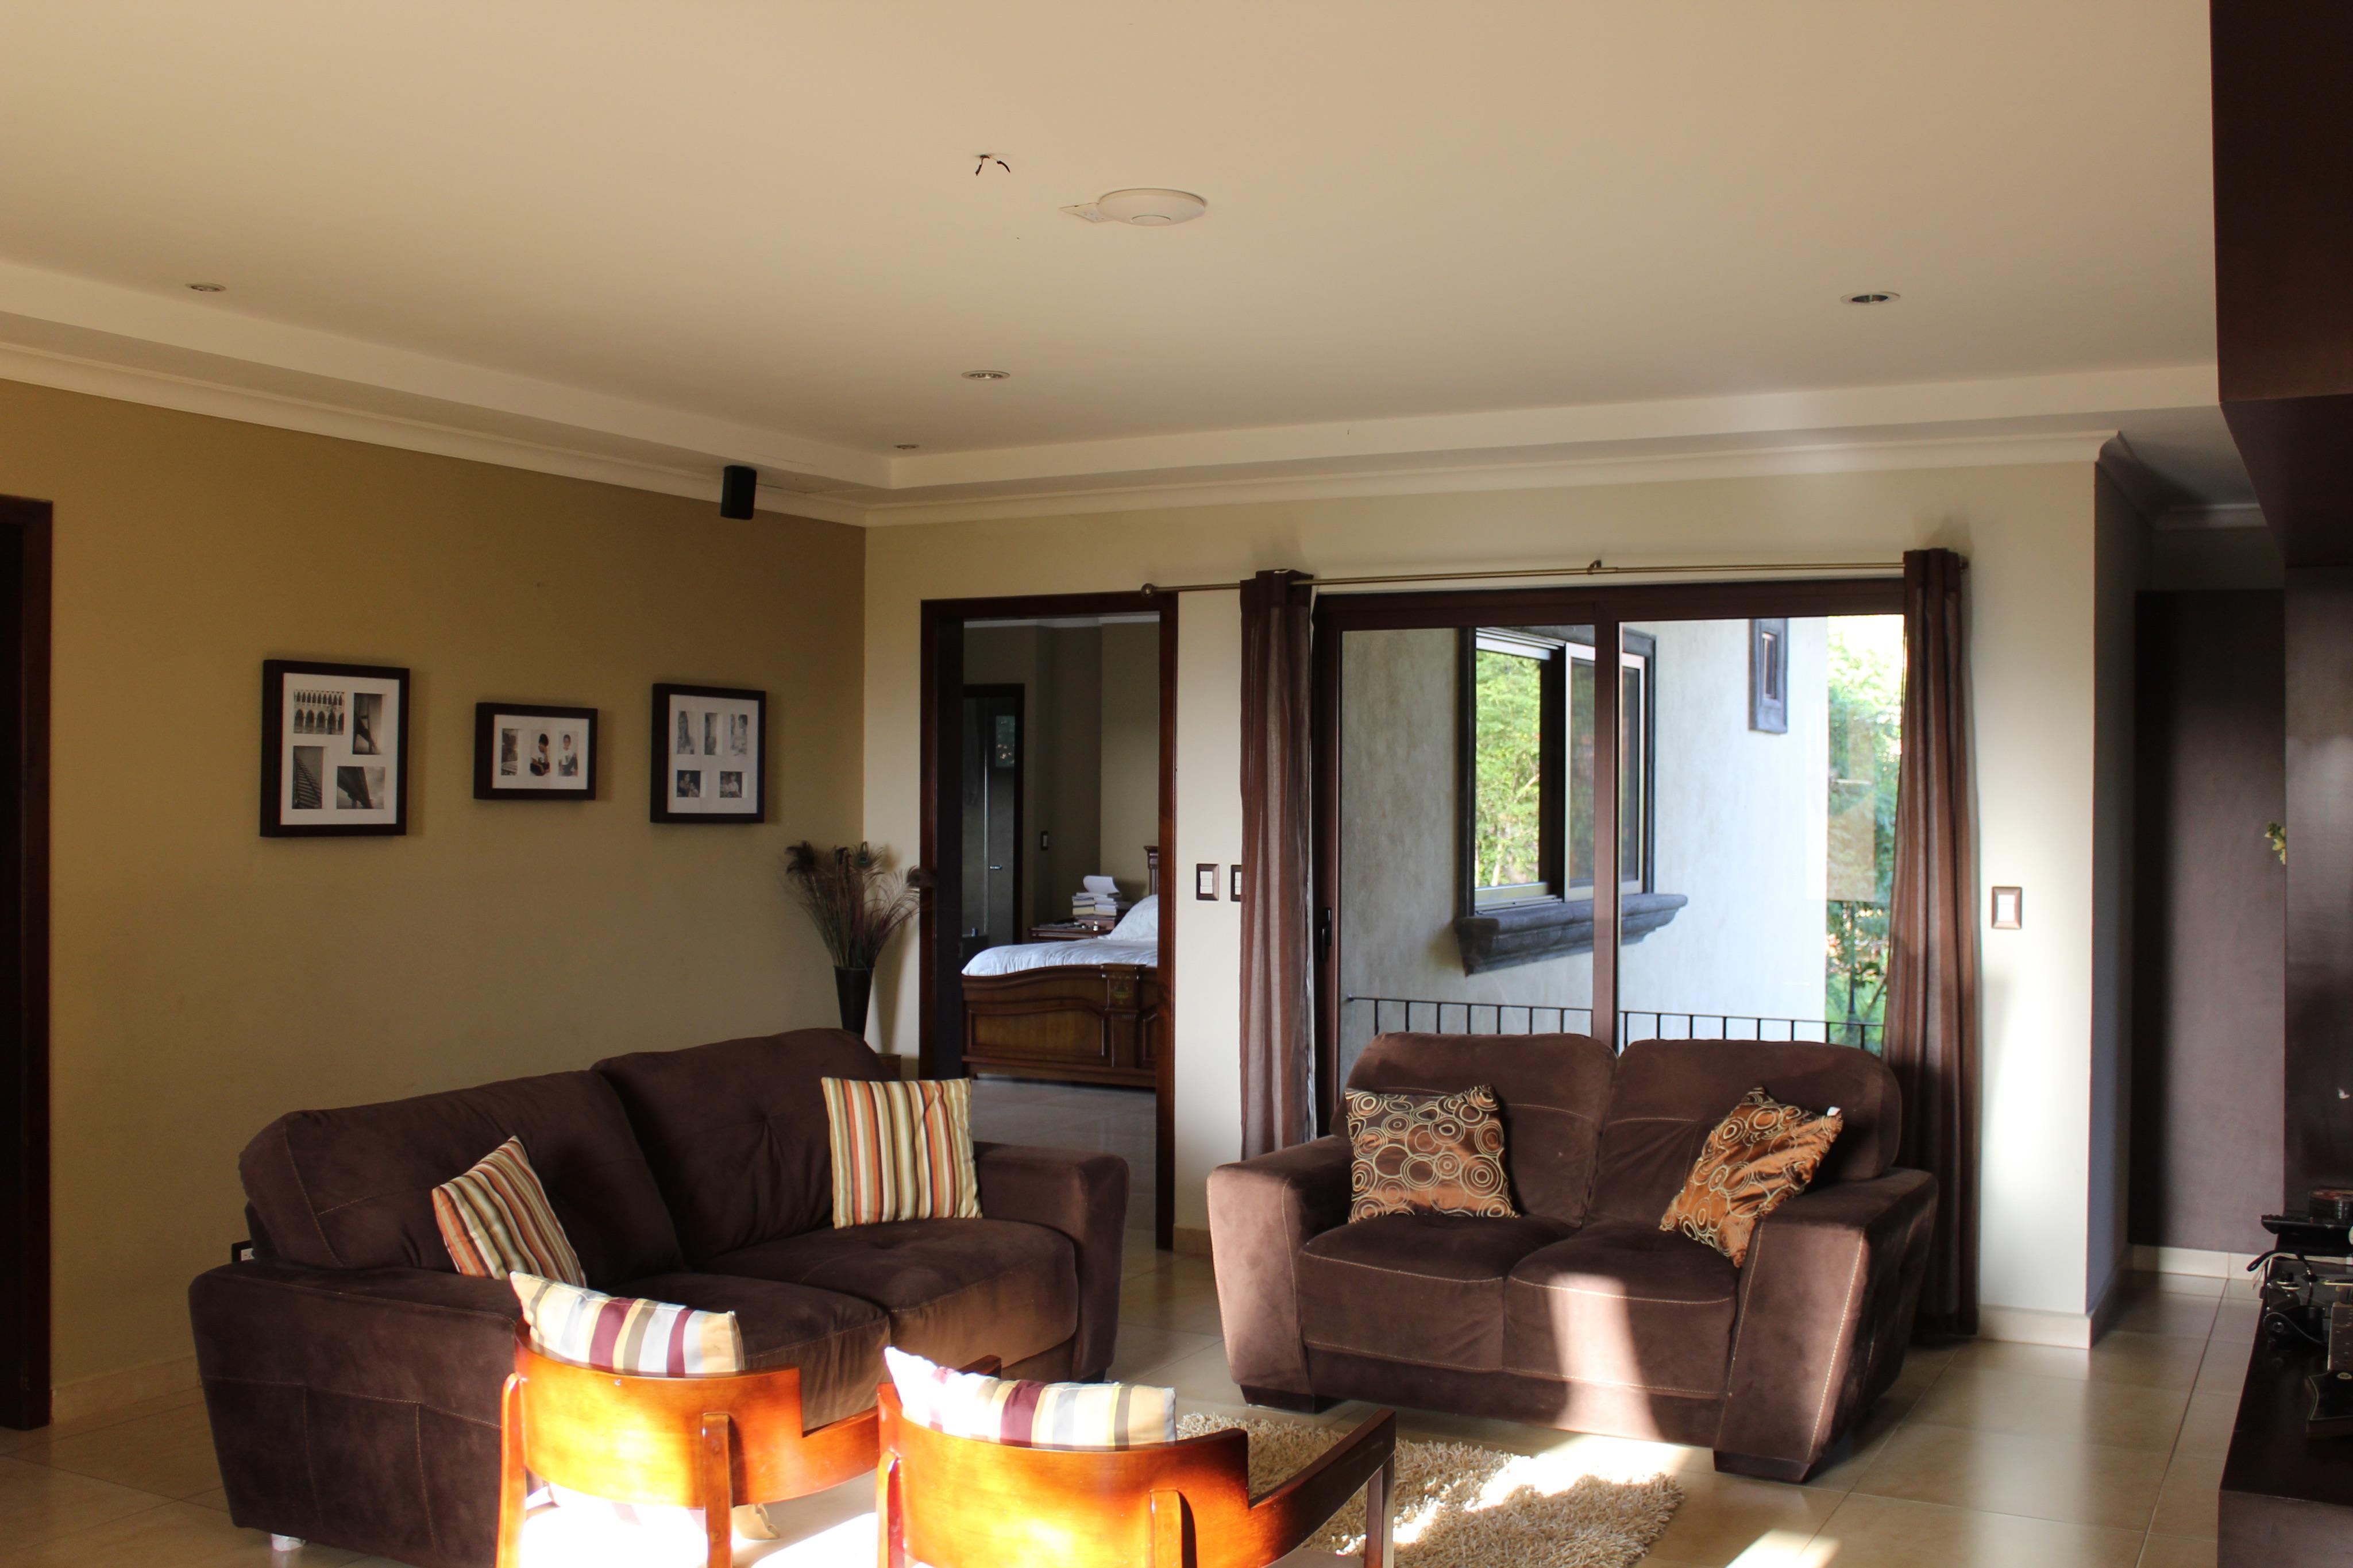 CPTCR0112 Casa en Venta Alturas de Tenerife  sala fam